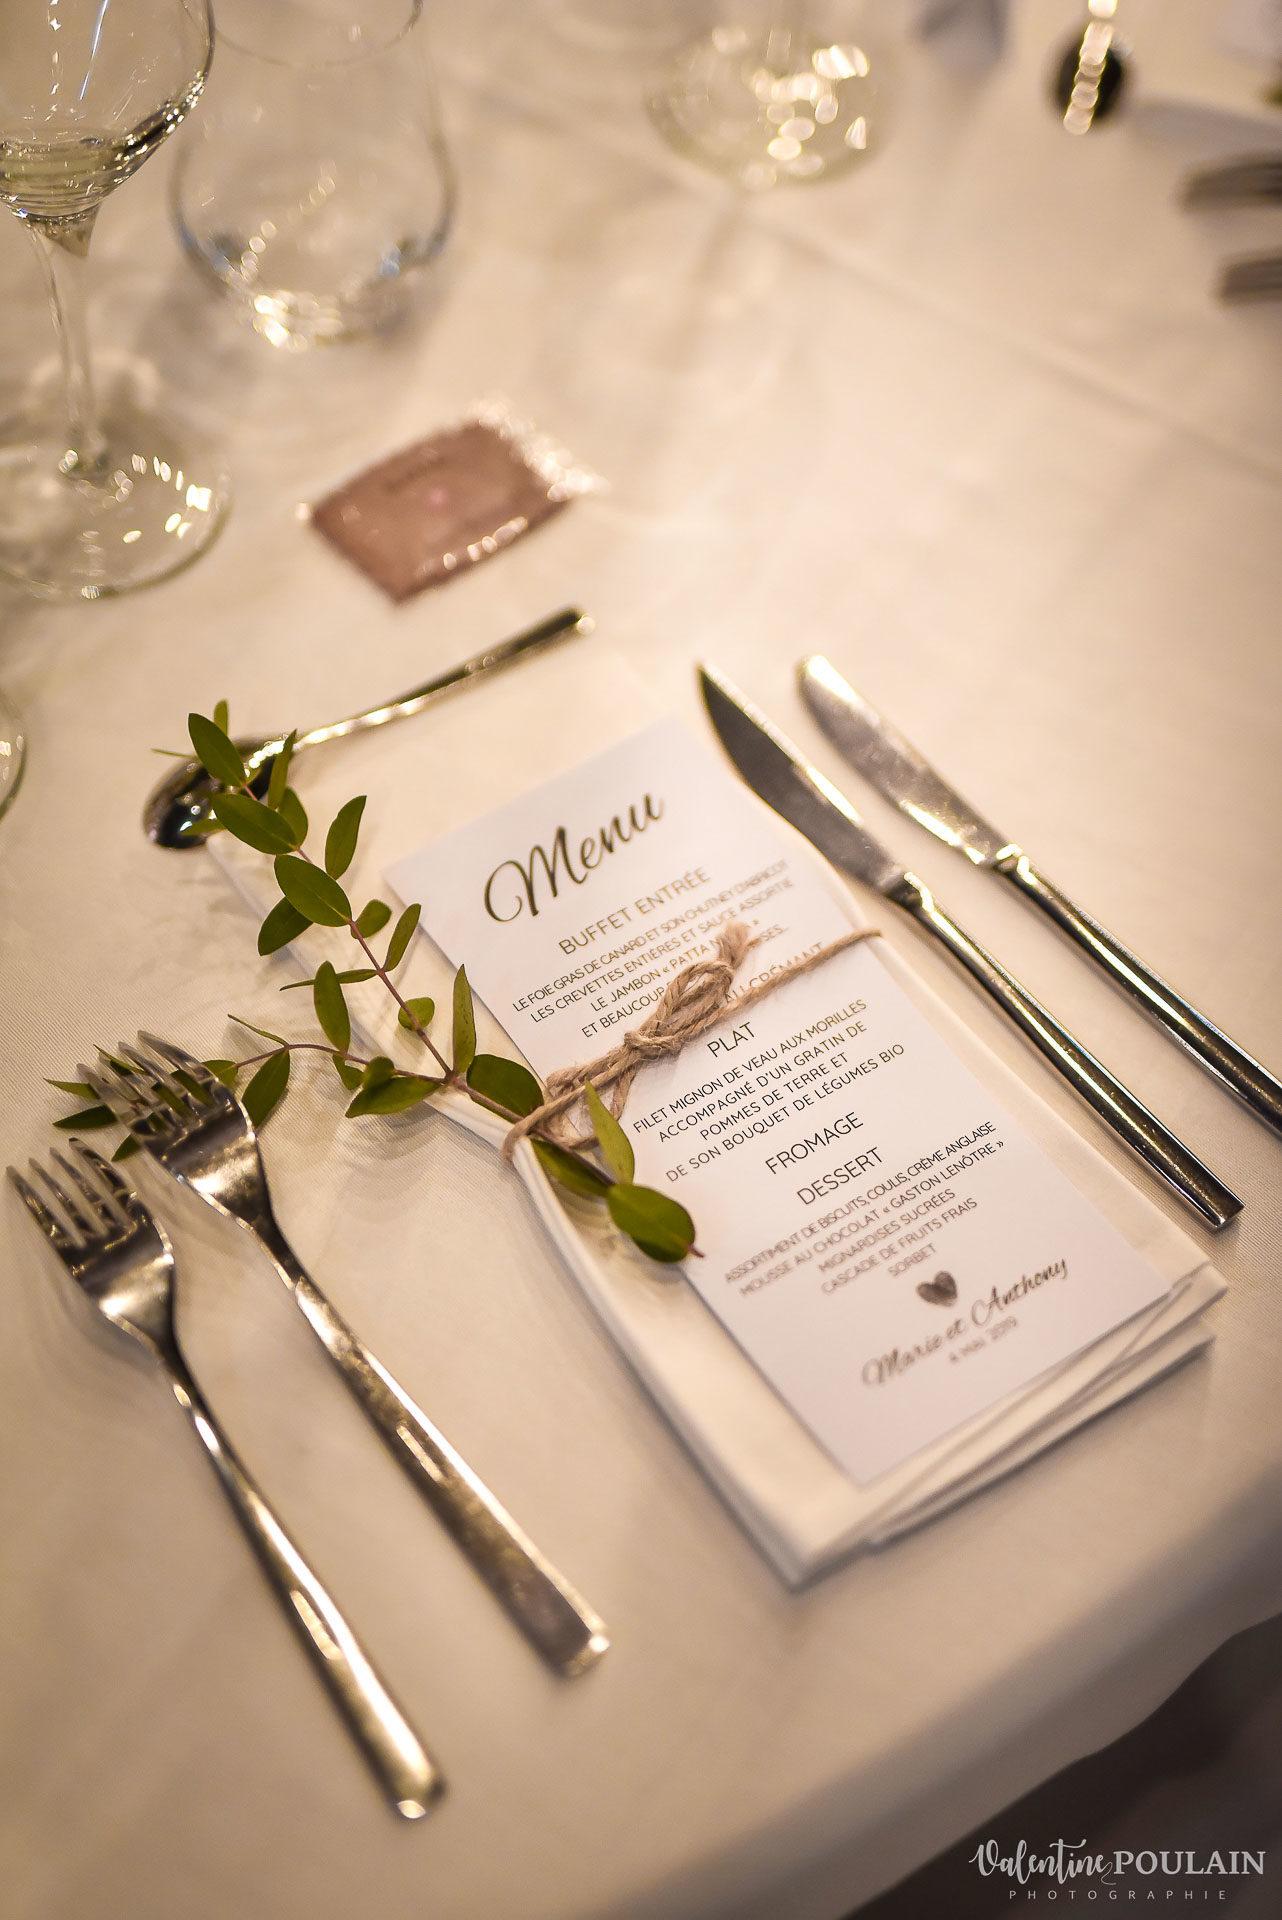 Mariage cité du train menu - Valentine Poulain